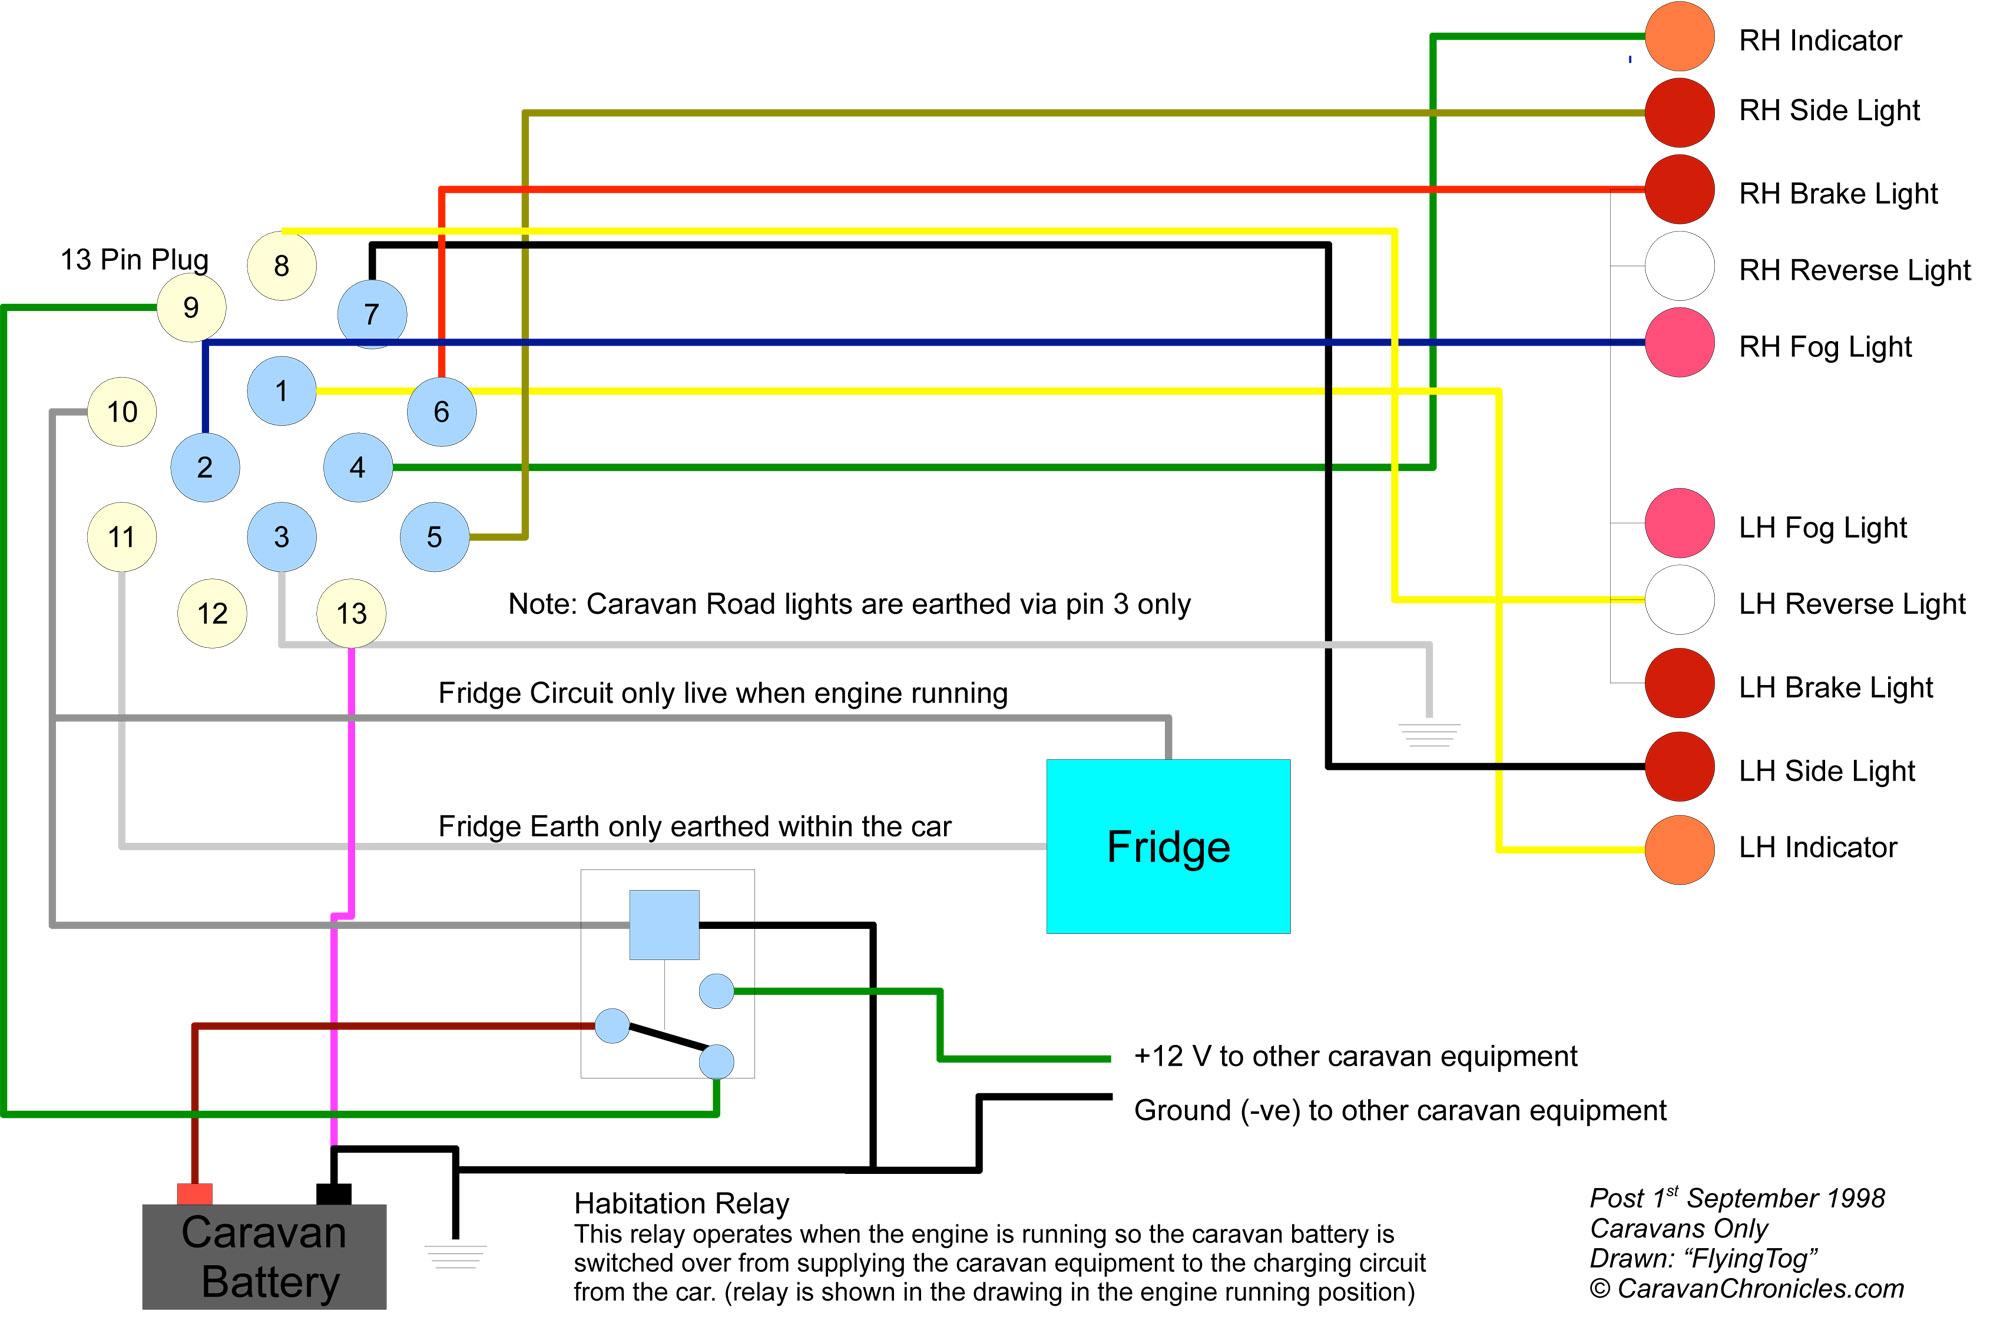 car indicator wiring diagram [ 2000 x 1320 Pixel ]